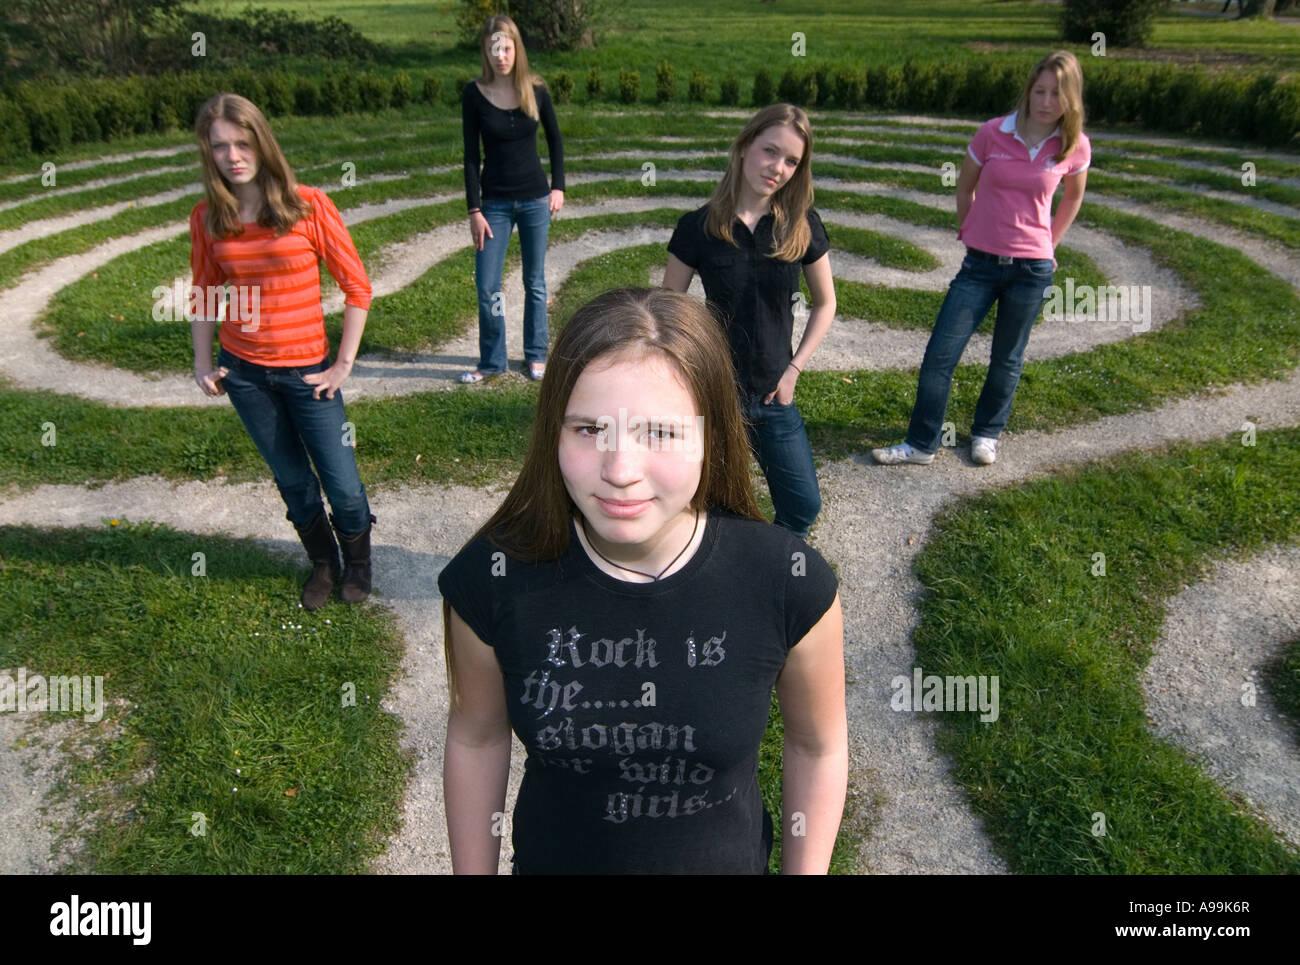 5 Chicas De Entre 13 Y 15 Años De Pie En Un Laberinto Foto